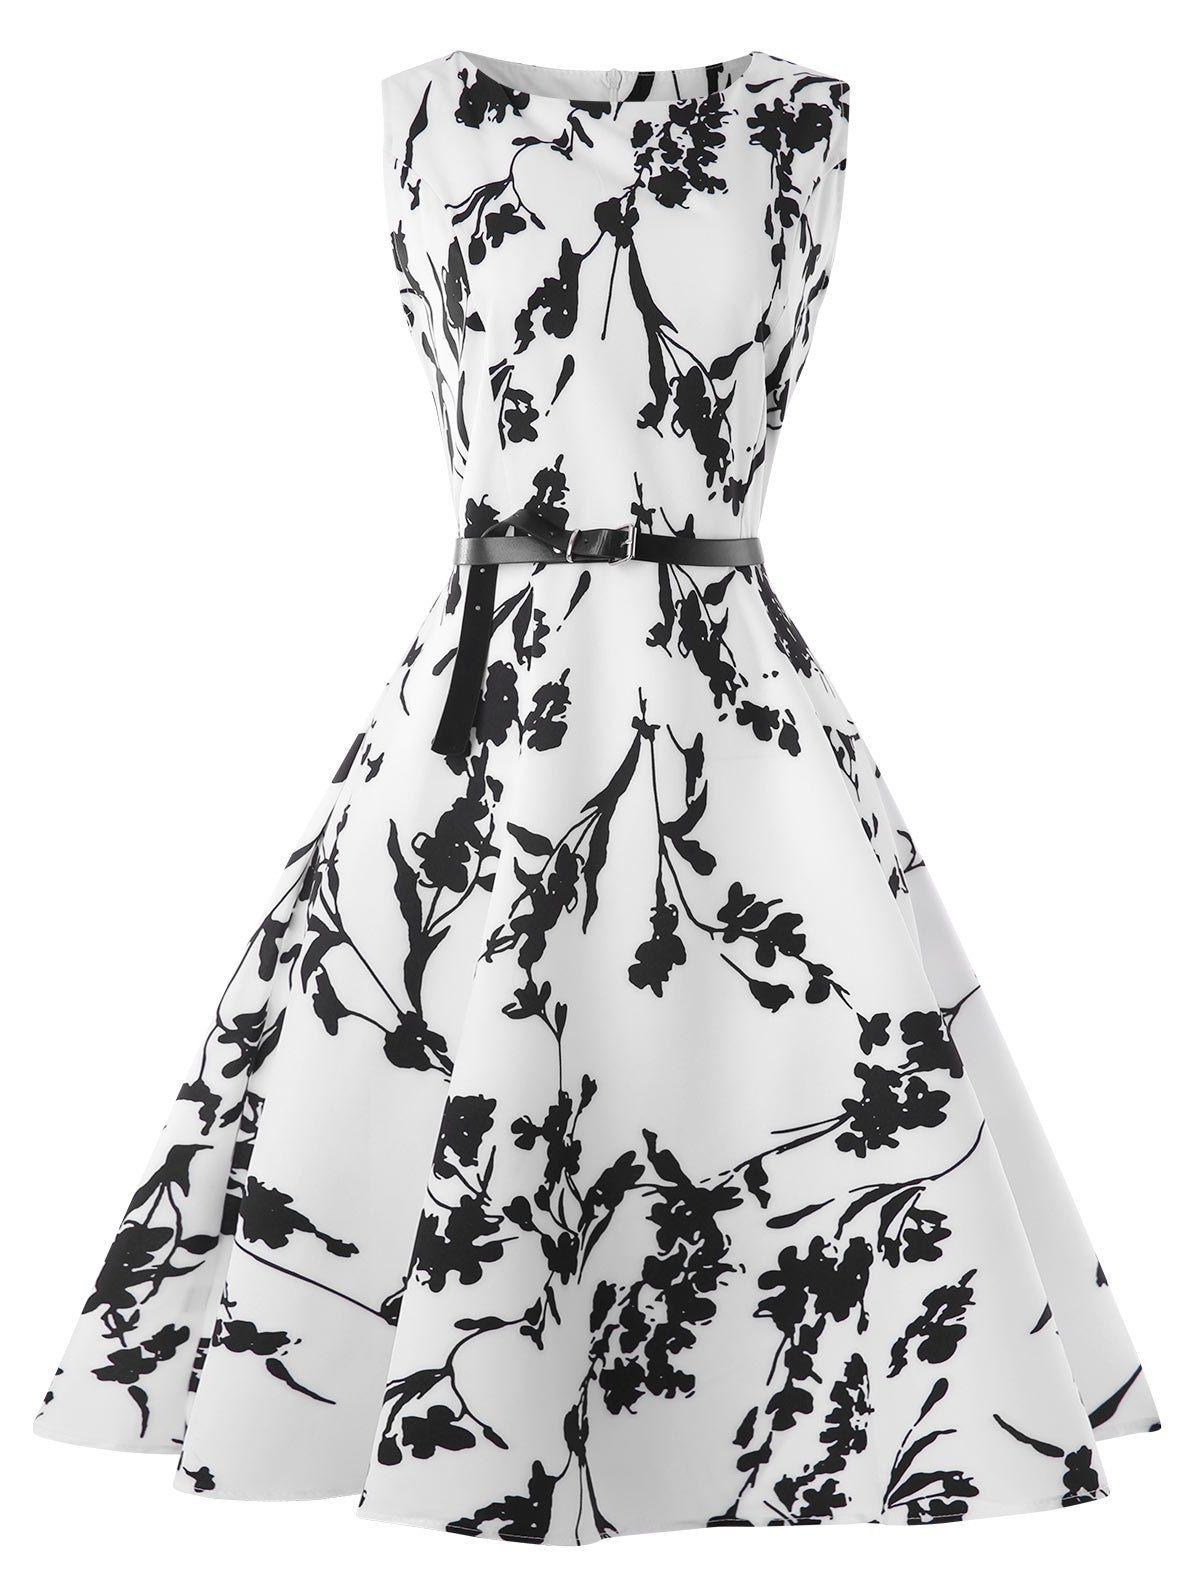 Vintage Boat Neck Belted Tea Dress